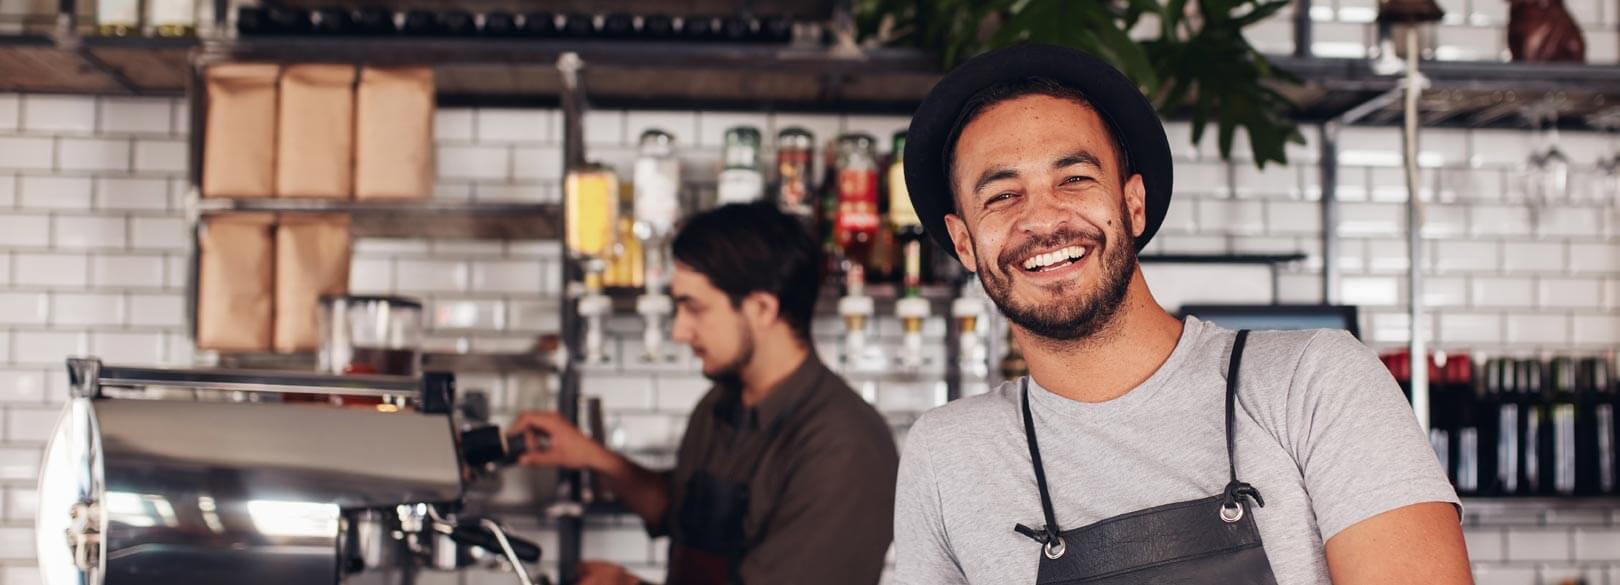 Jobs in restaurants hand